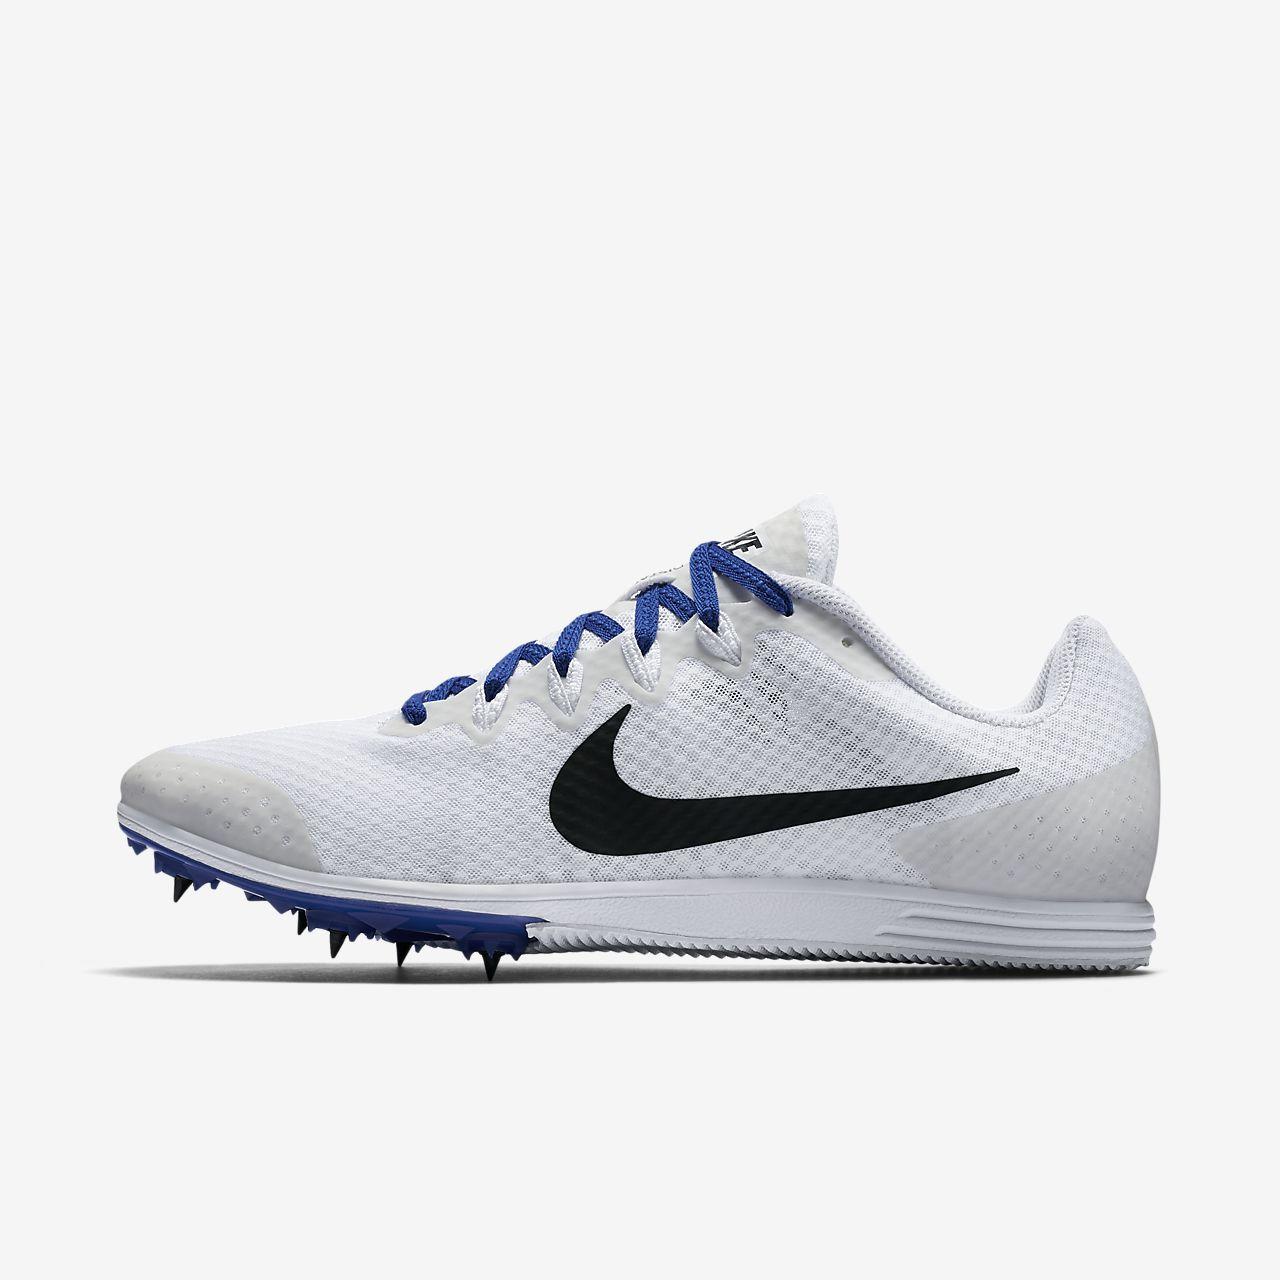 ... Chaussure de course longue distance à pointes mixte Nike Zoom Rival D 9